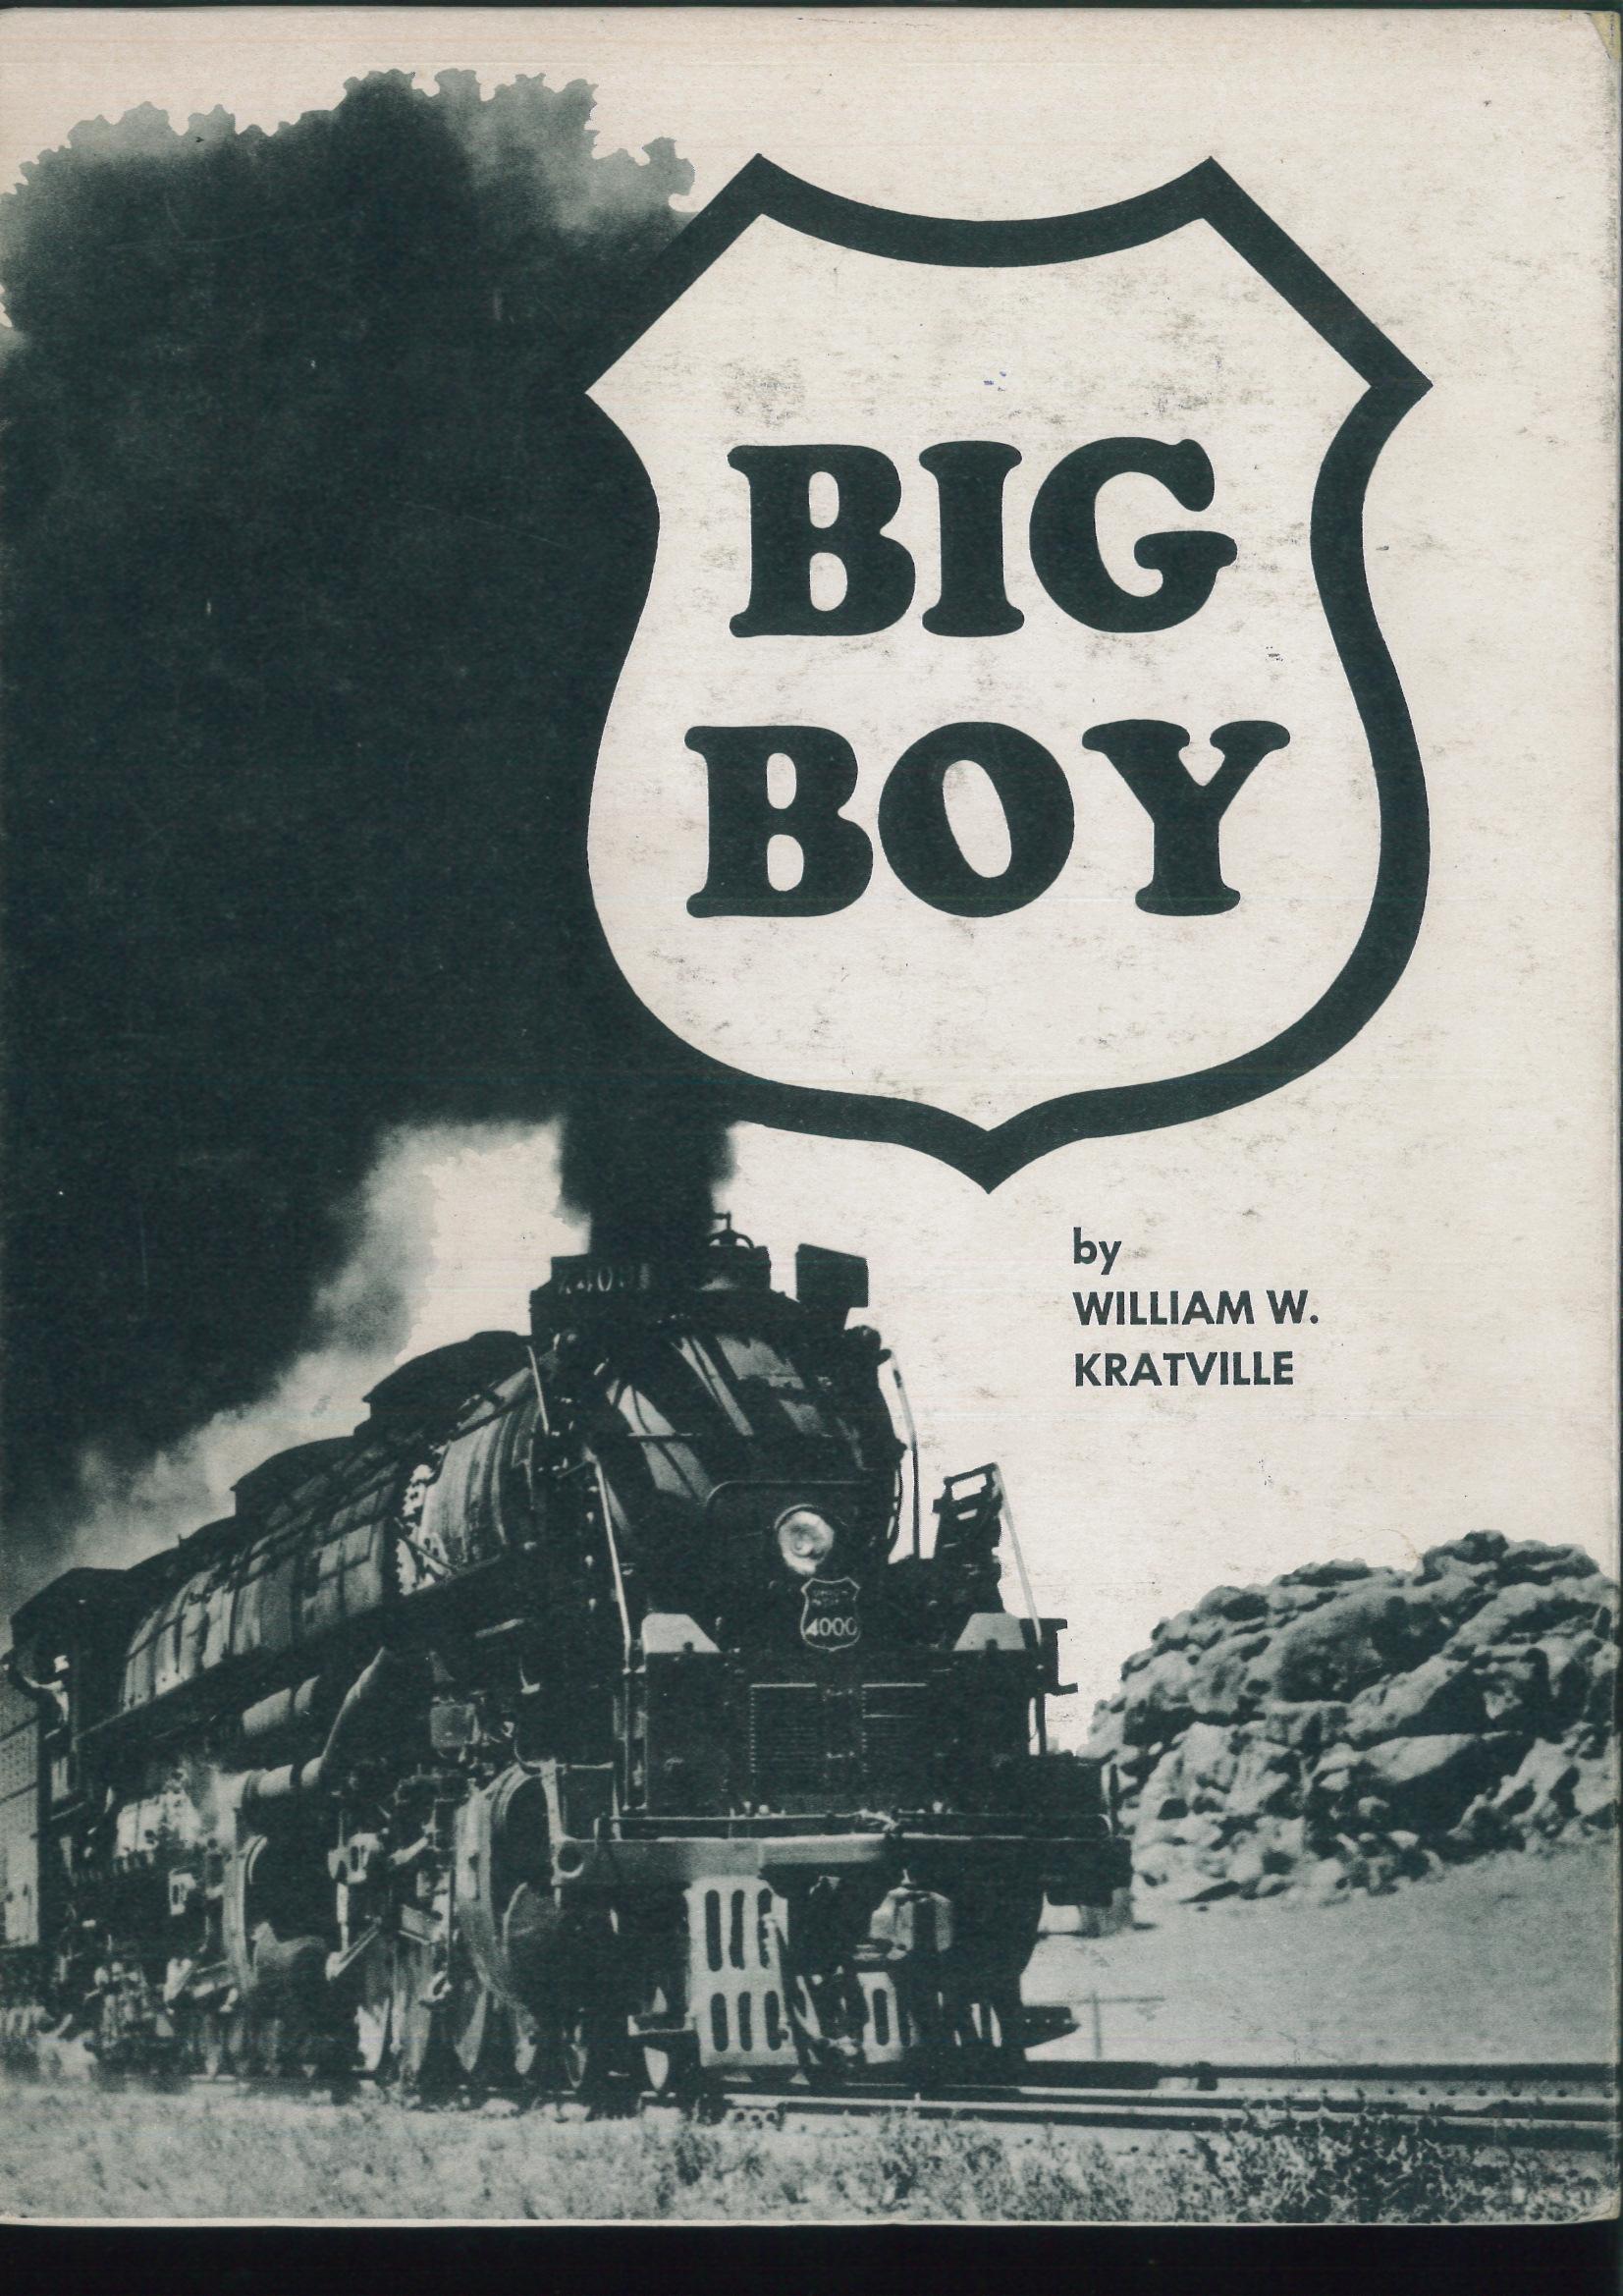 Big Boy - William W. Kratville | günstig bestellen bei Modelleisenbahn Center  MCS Vertriebs GmbH